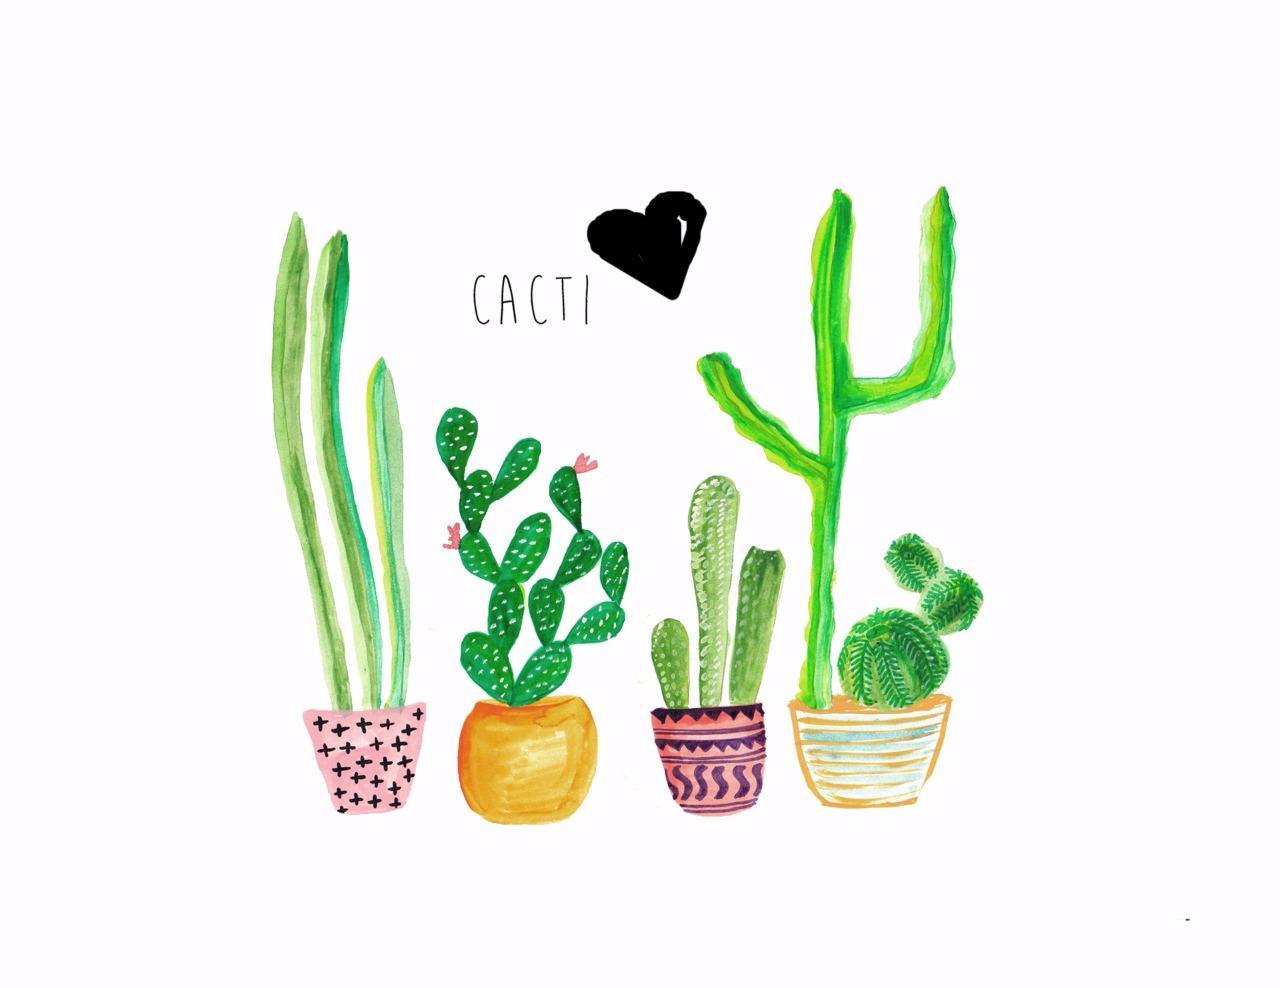 10 Aloe maculata kal810 Seeds Cactus Seeds Rare Korn seeds samen seeds